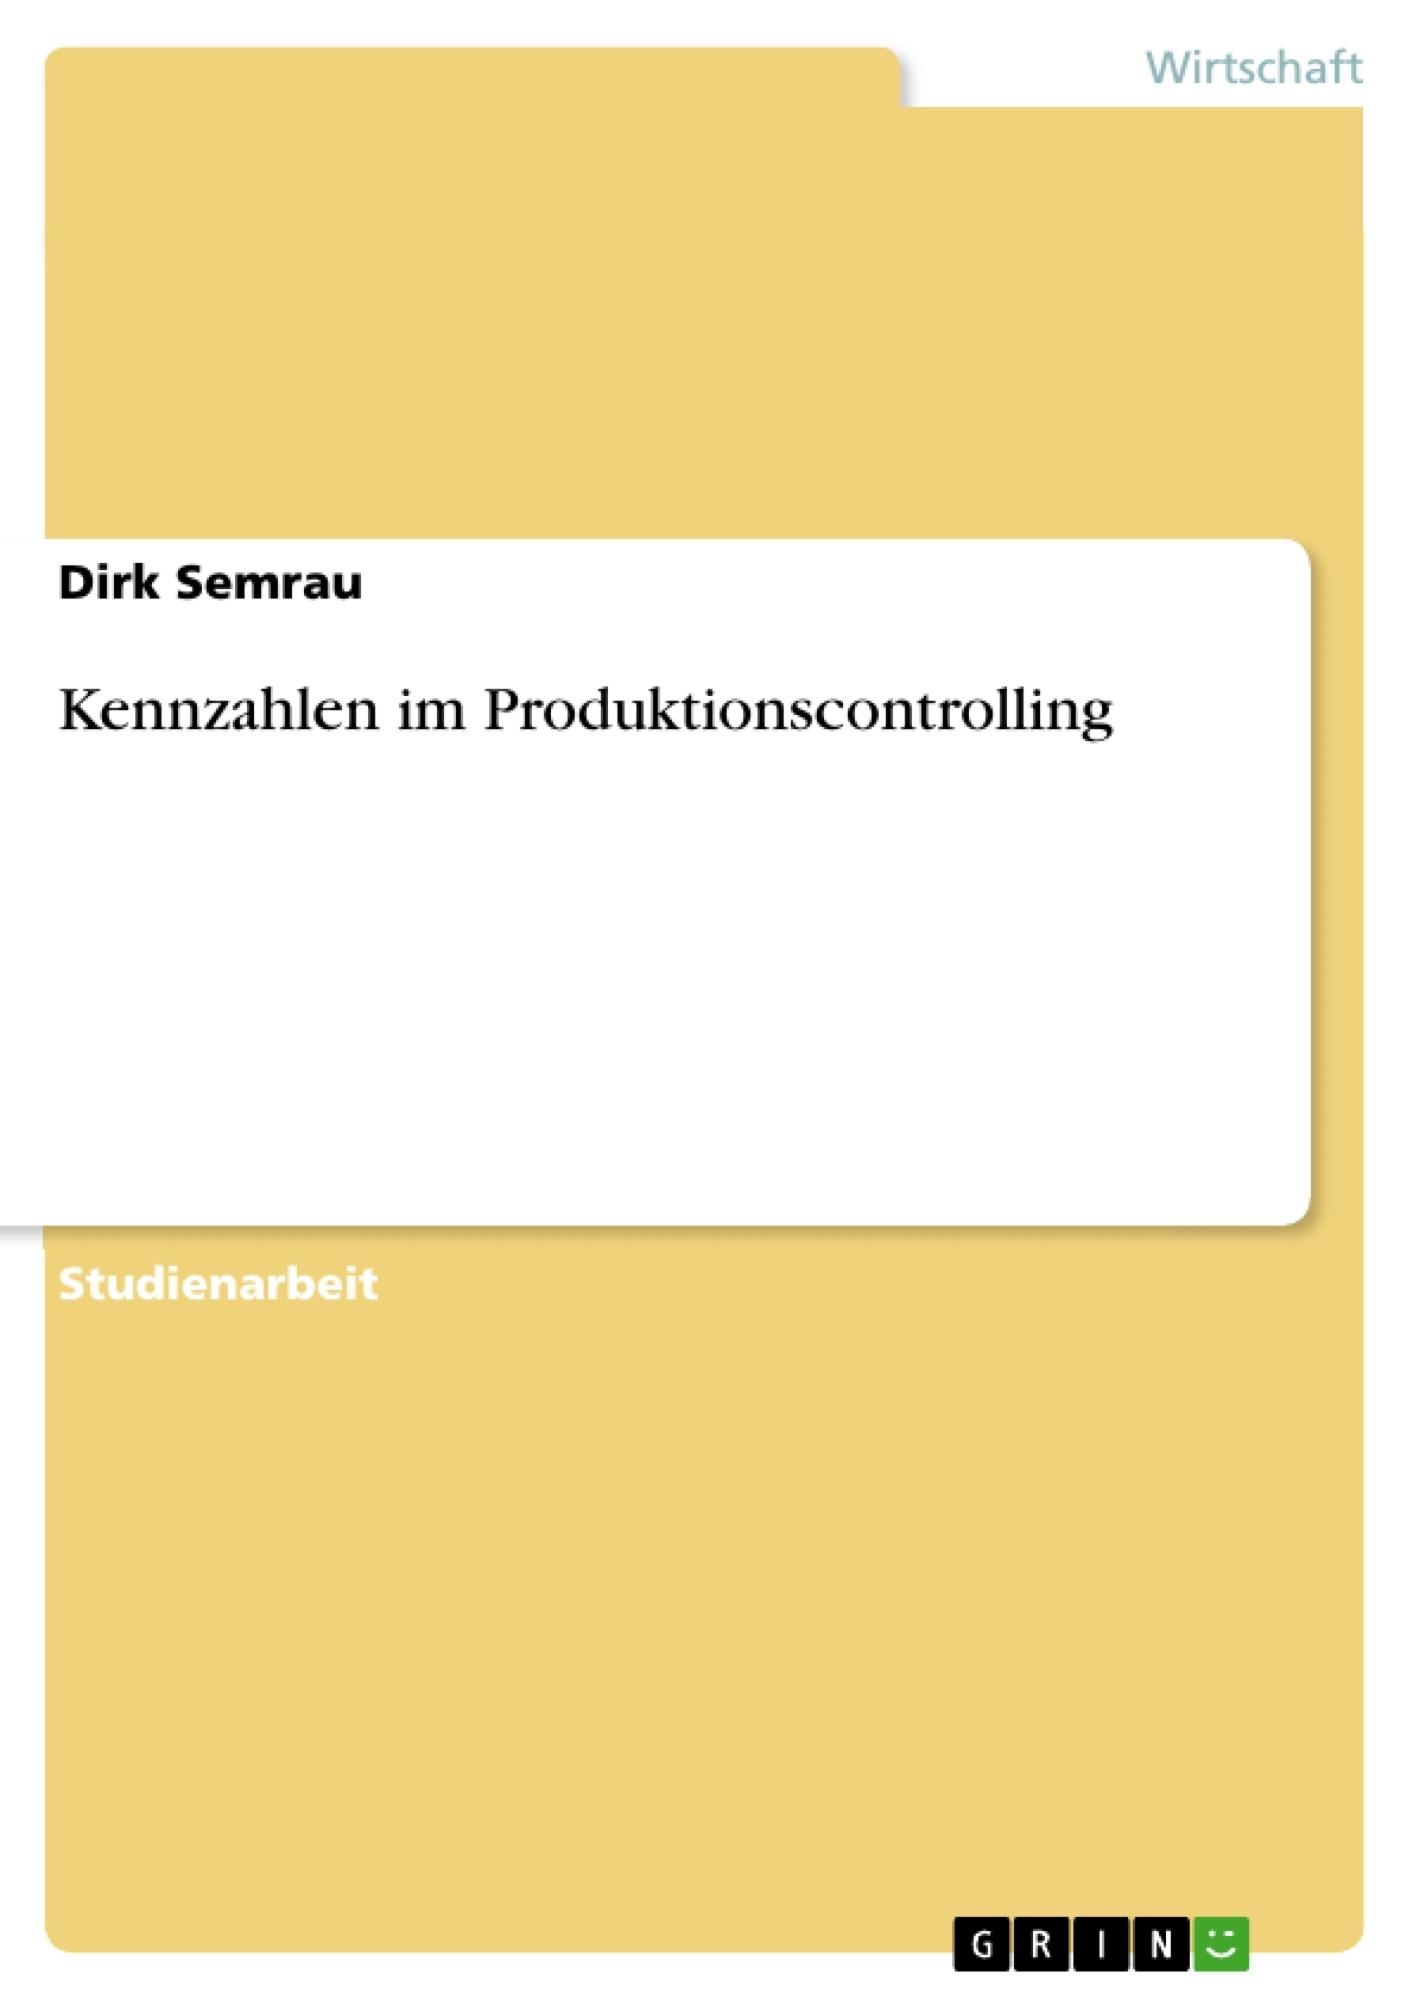 Titel: Kennzahlen im Produktionscontrolling